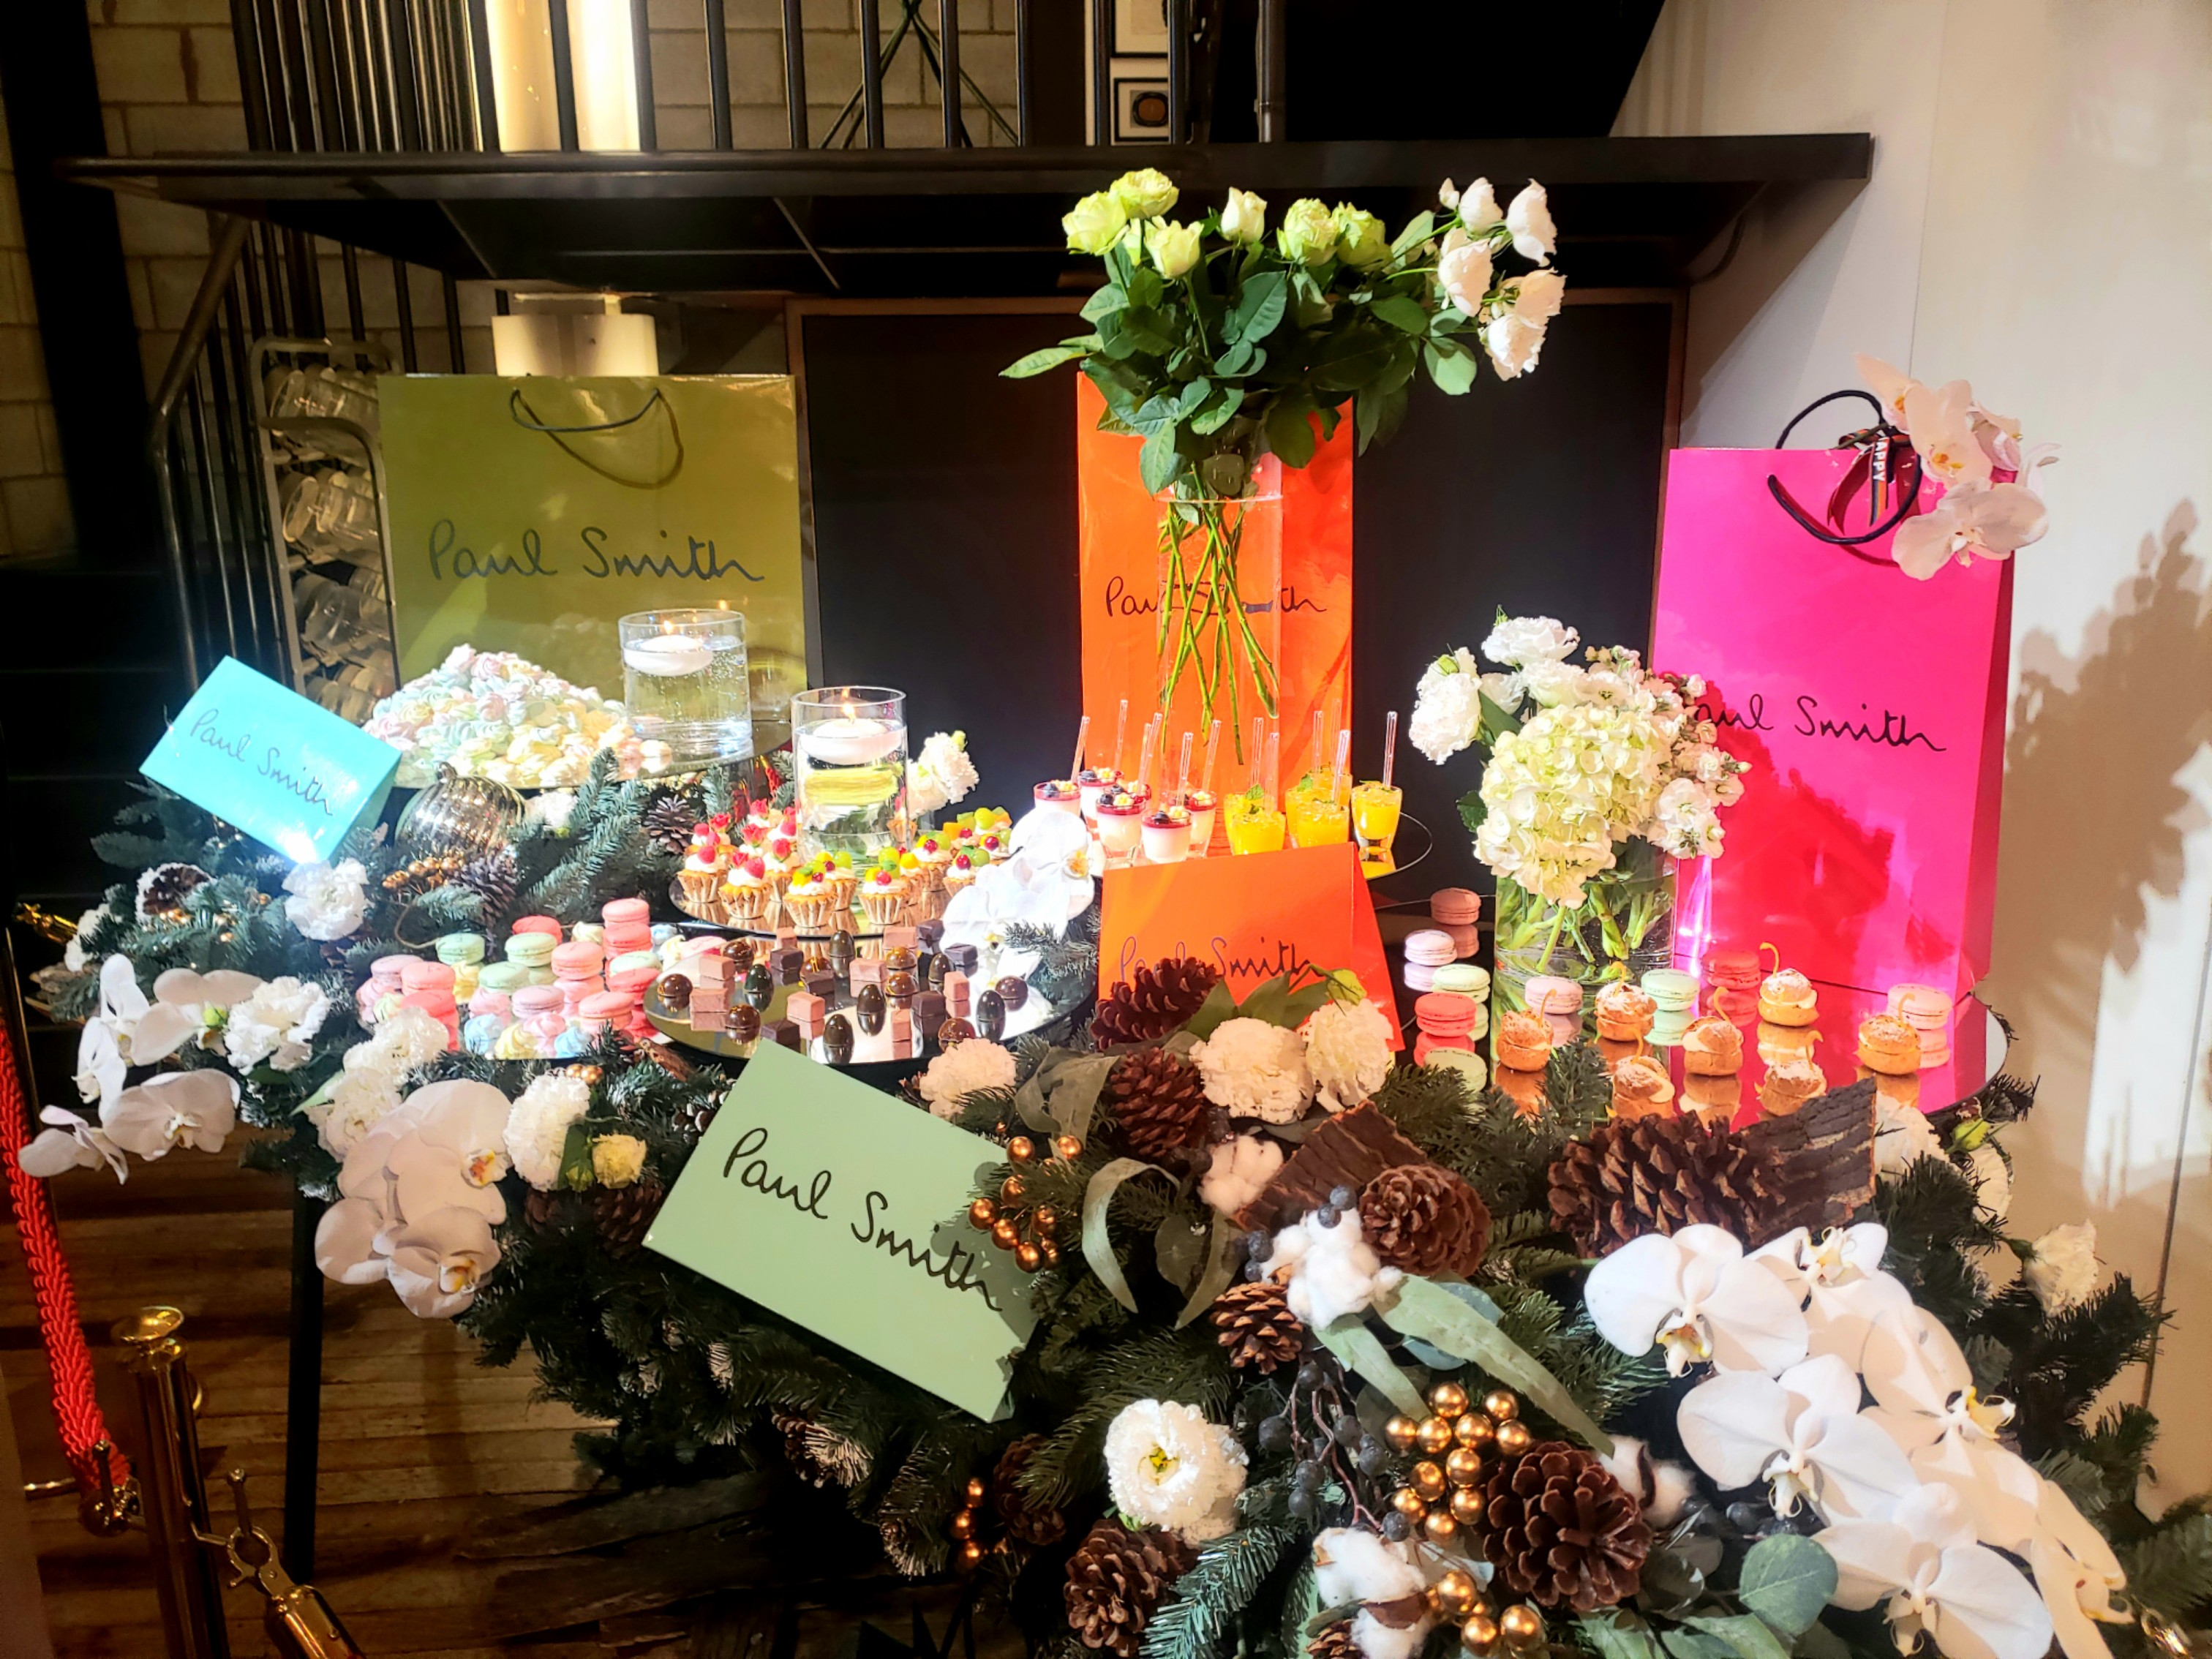 【Paul Smith】メンノン×モアのトークショー&ショッピングイベントに参加!革小物もゲット♡_2